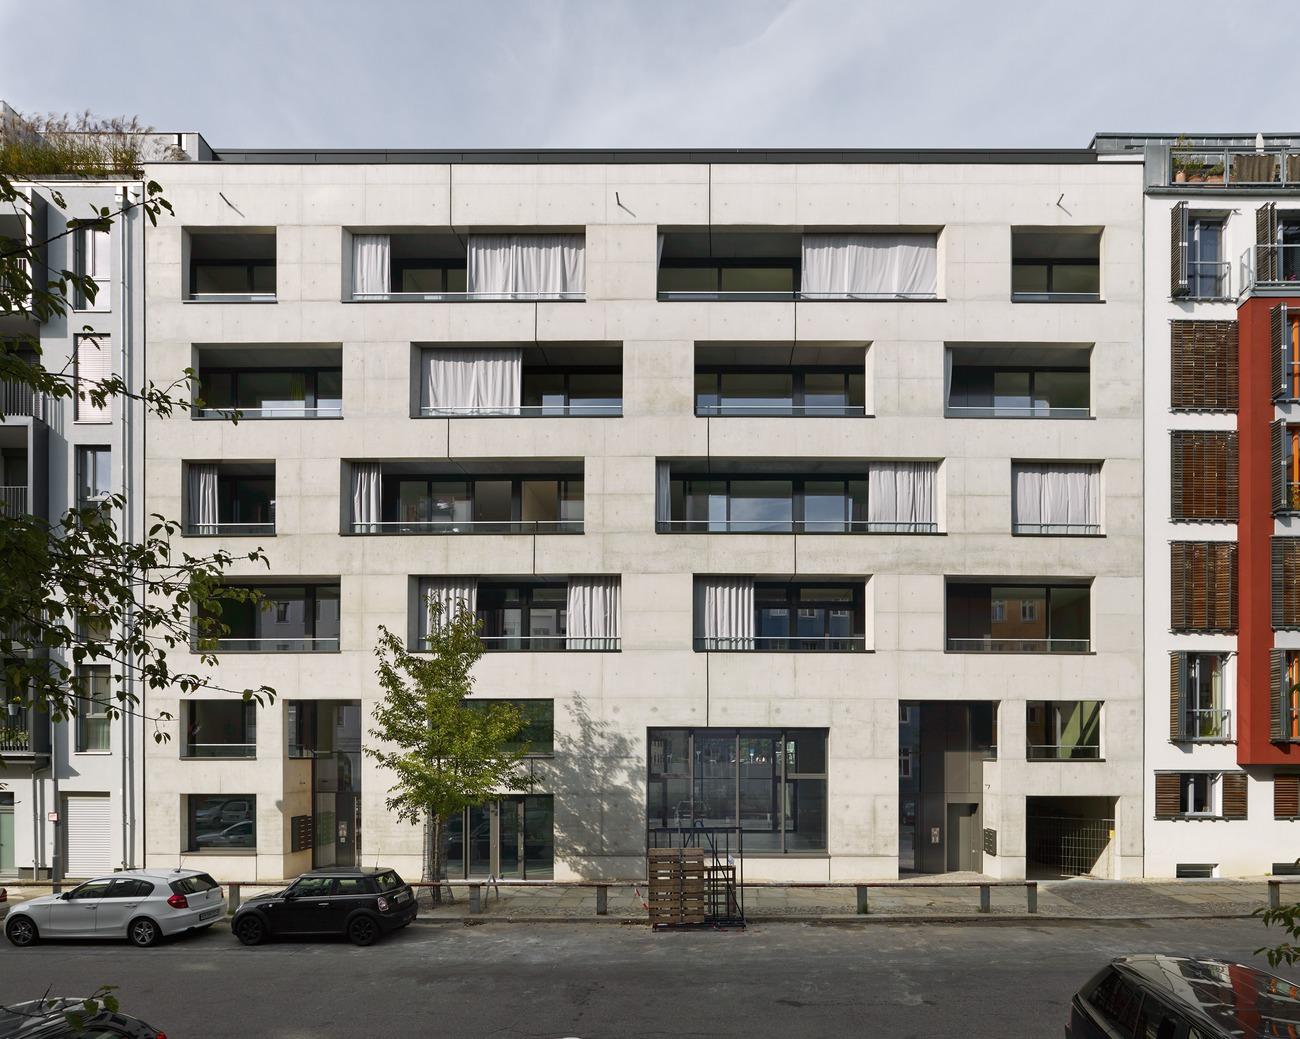 Schönholzer 15/16 - Wohnhaus mit Theater, Berlin, Deutschland